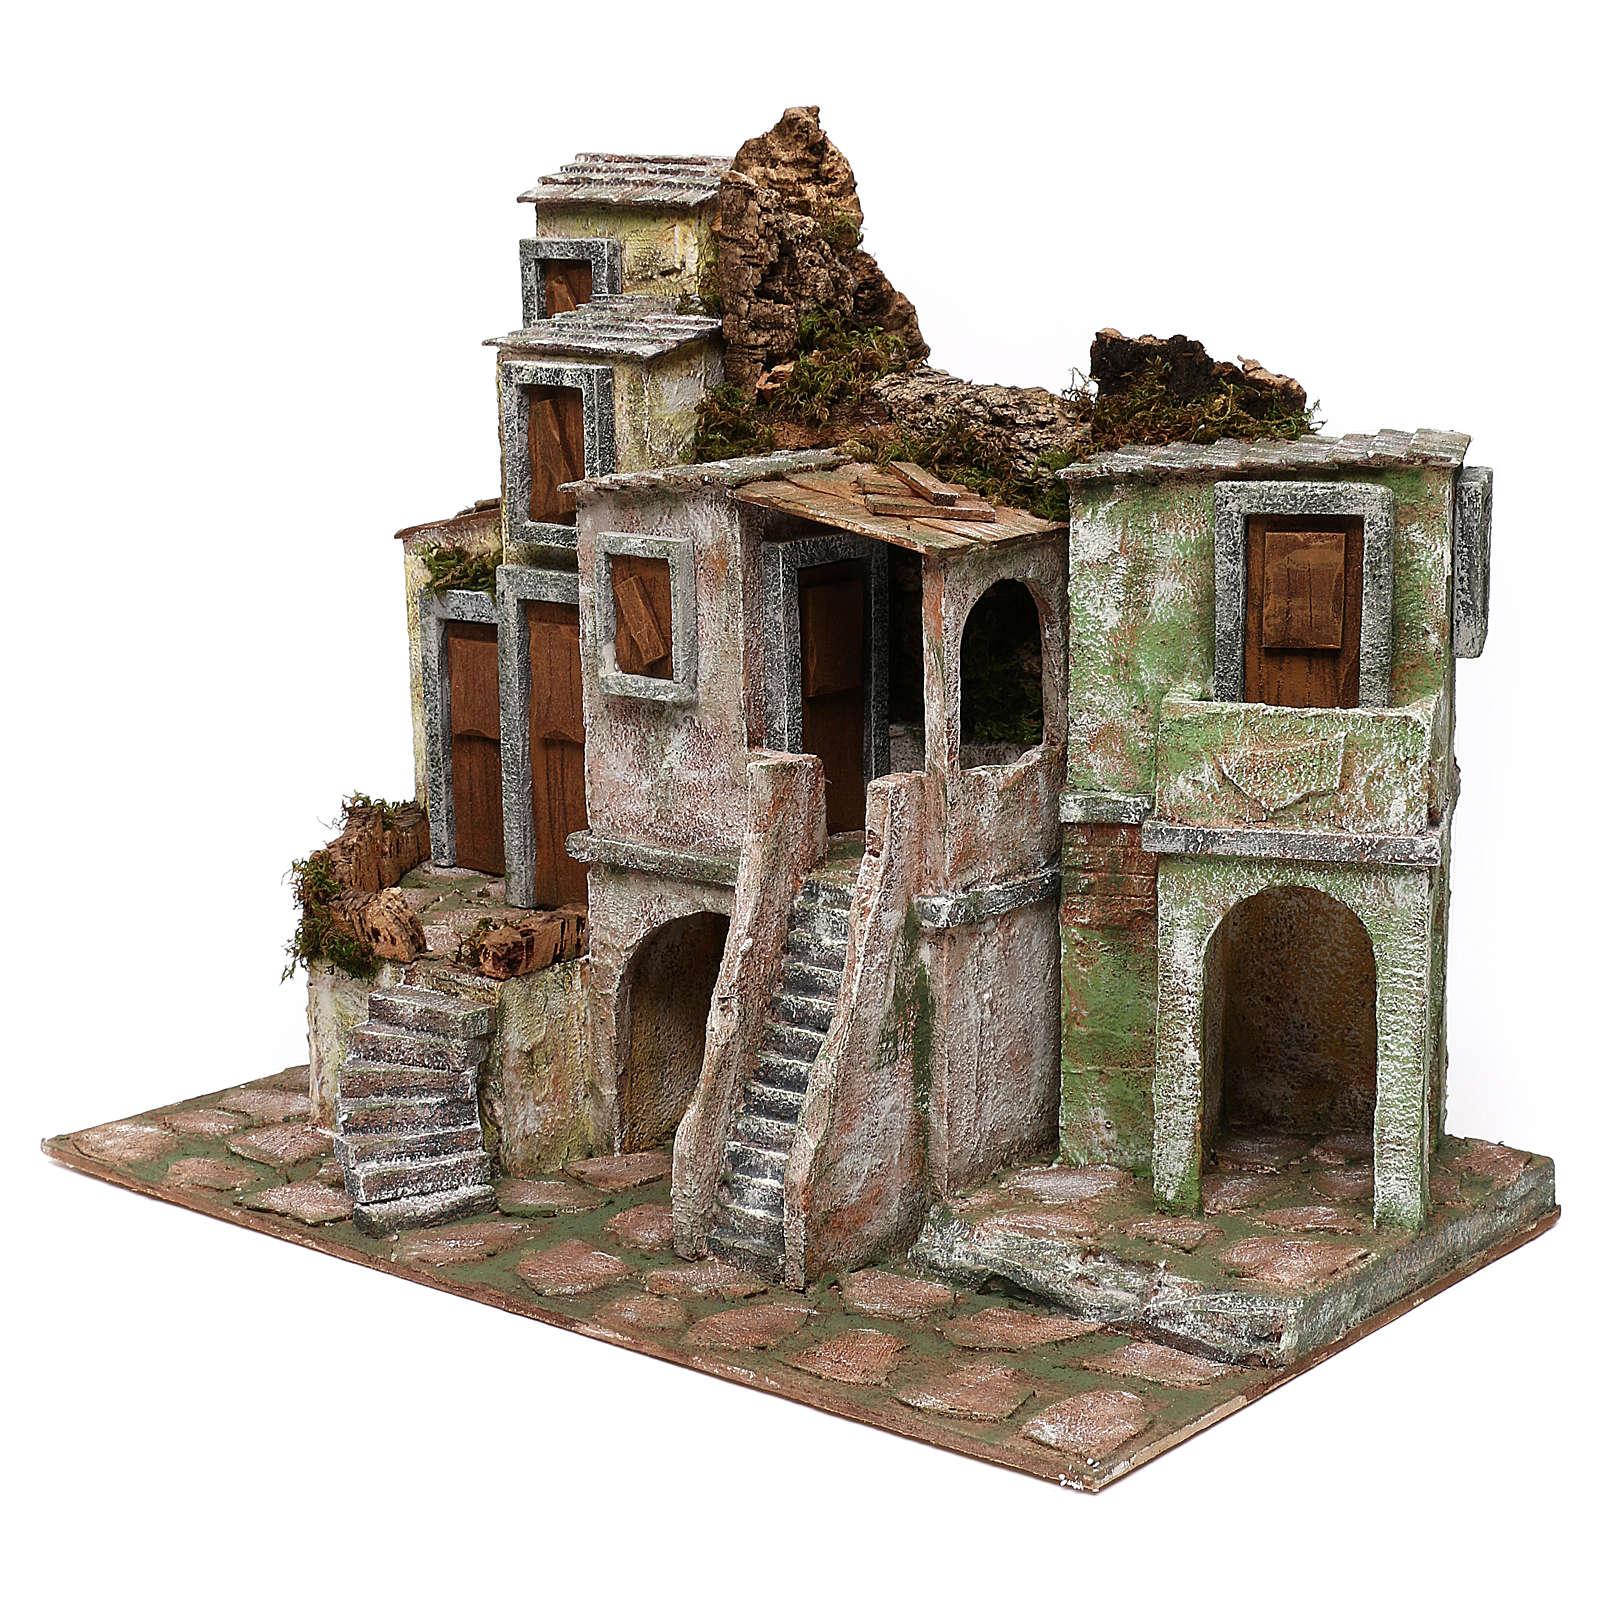 Borgo di case presepe 10 cm ambientazione 40x50x30 cm 4